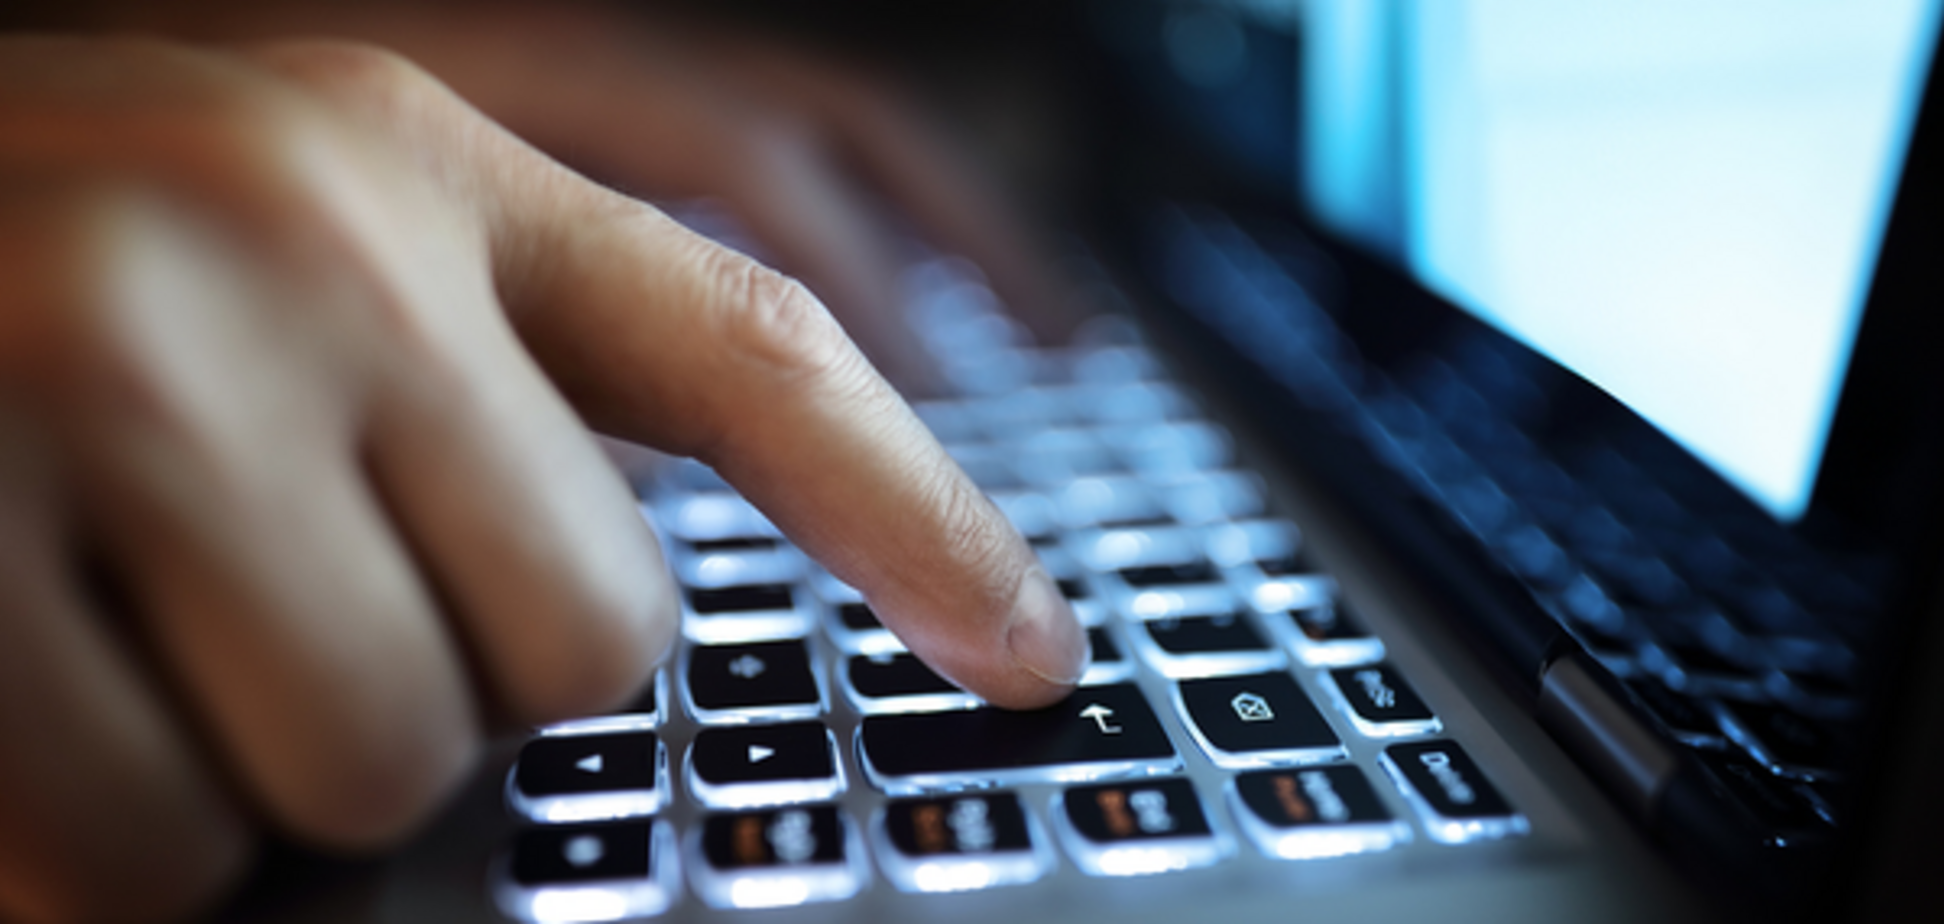 В Україні заборонять більше 20 сайтів: з'явився список